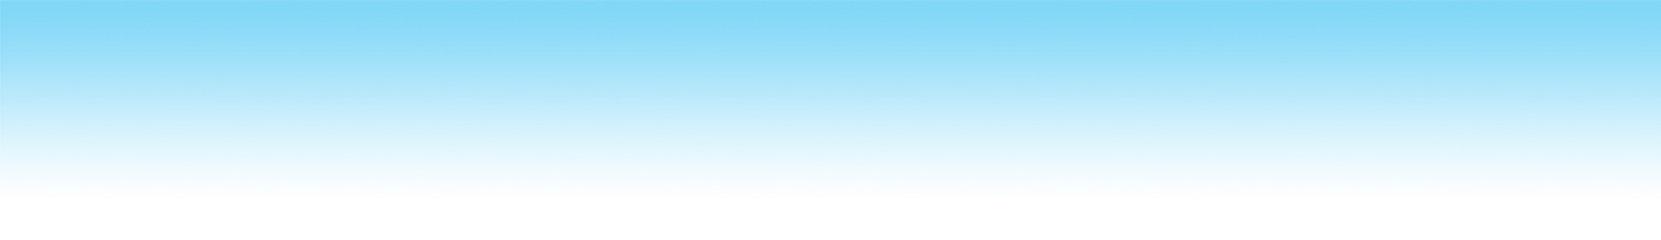 FOTB-210603-IdentityIntegration-Website-MainHeader-gradient5.jpg